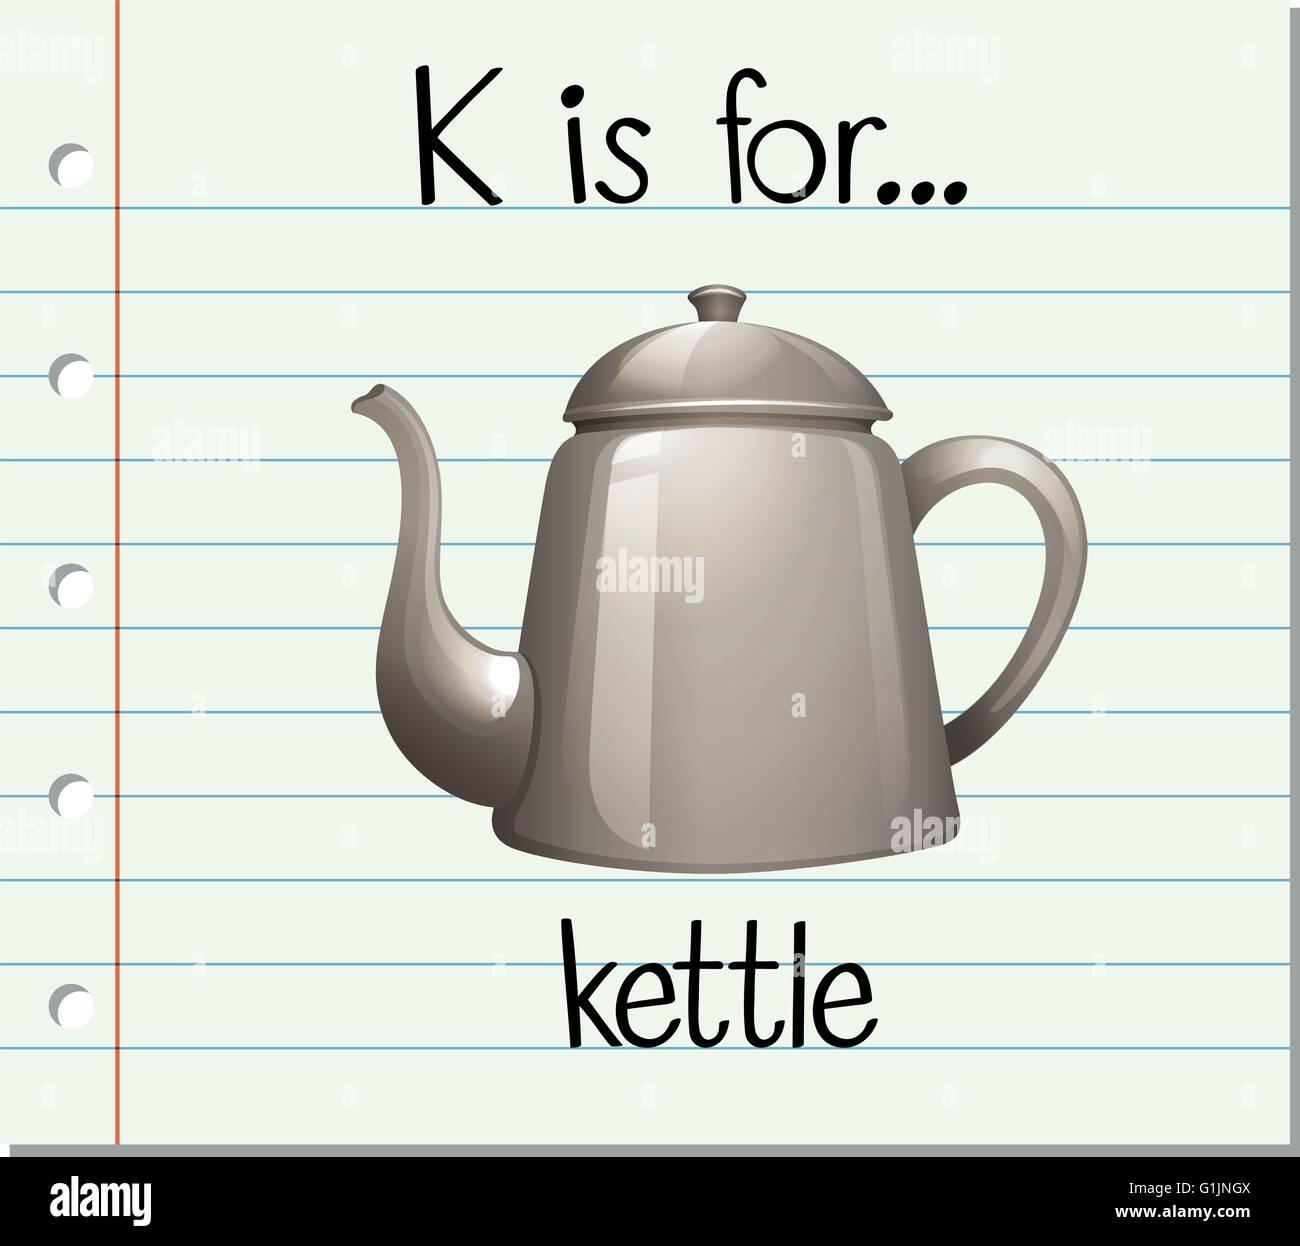 flashcard letter k is for kettle illustration stock vector art